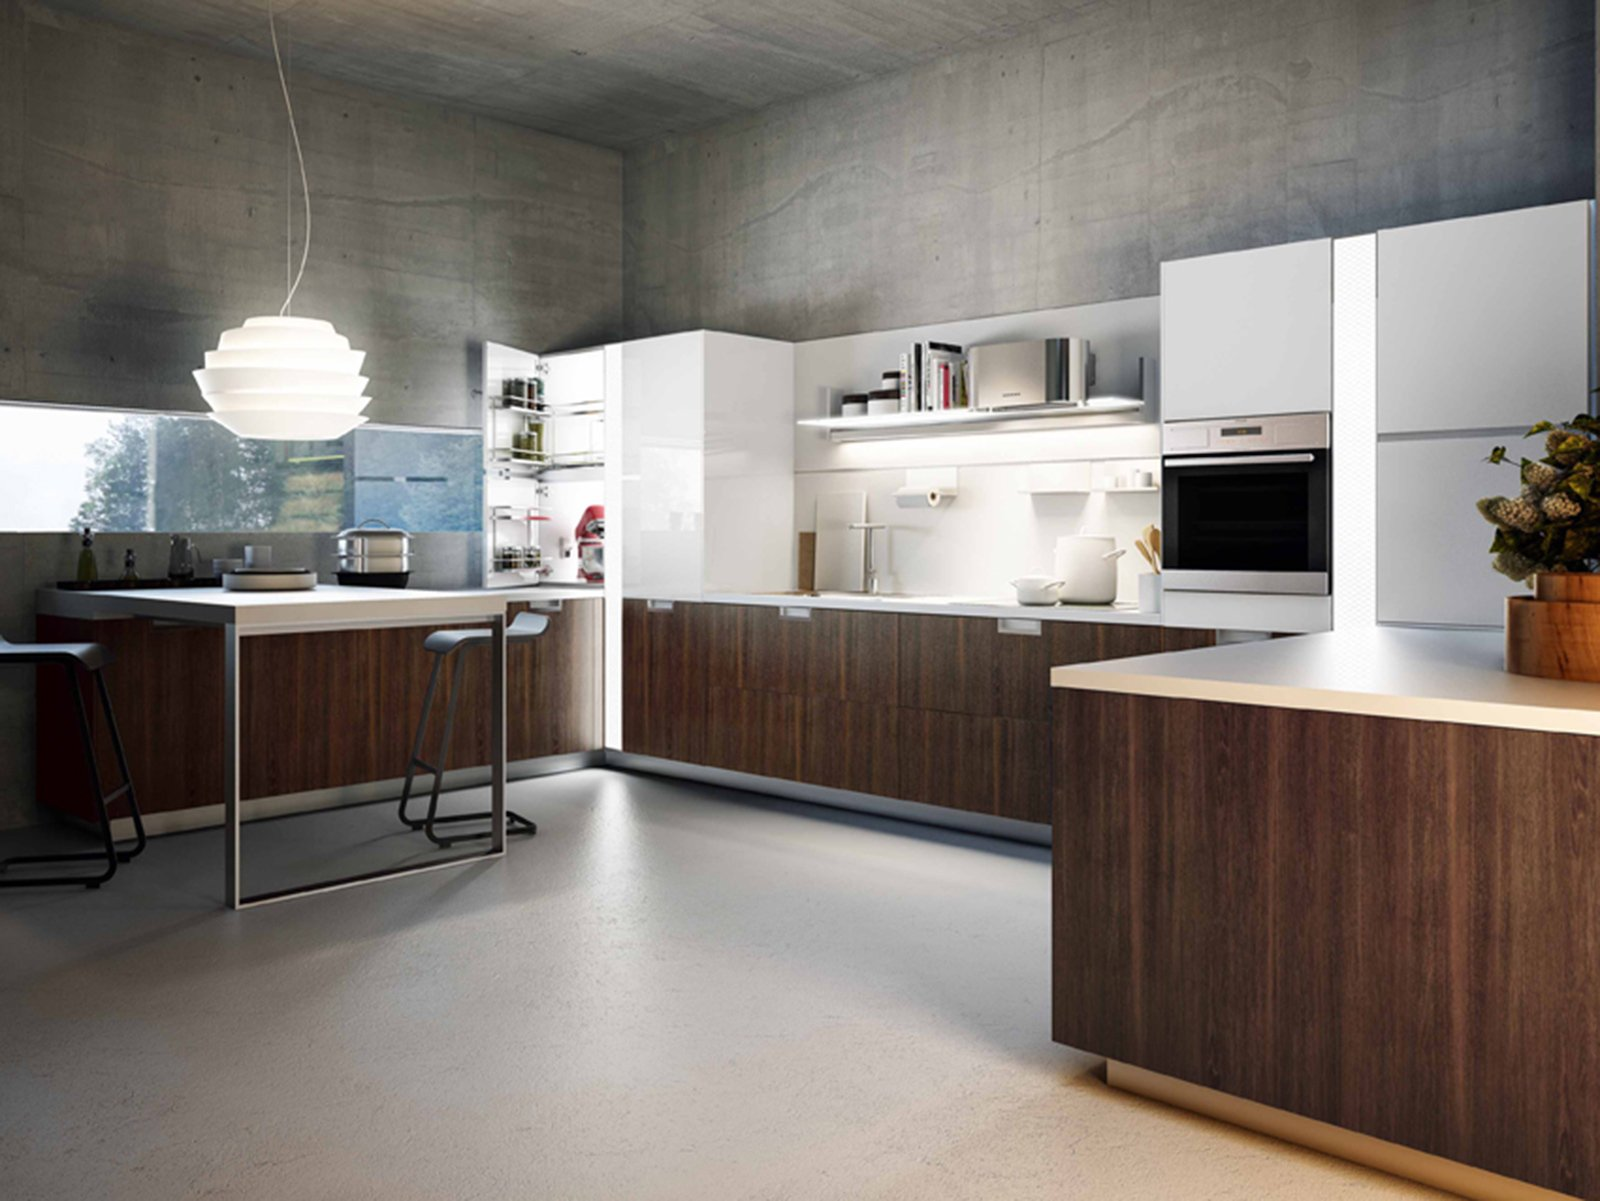 Cucina tante soluzioni per illuminarla cose di casa for Snaidero kitchen